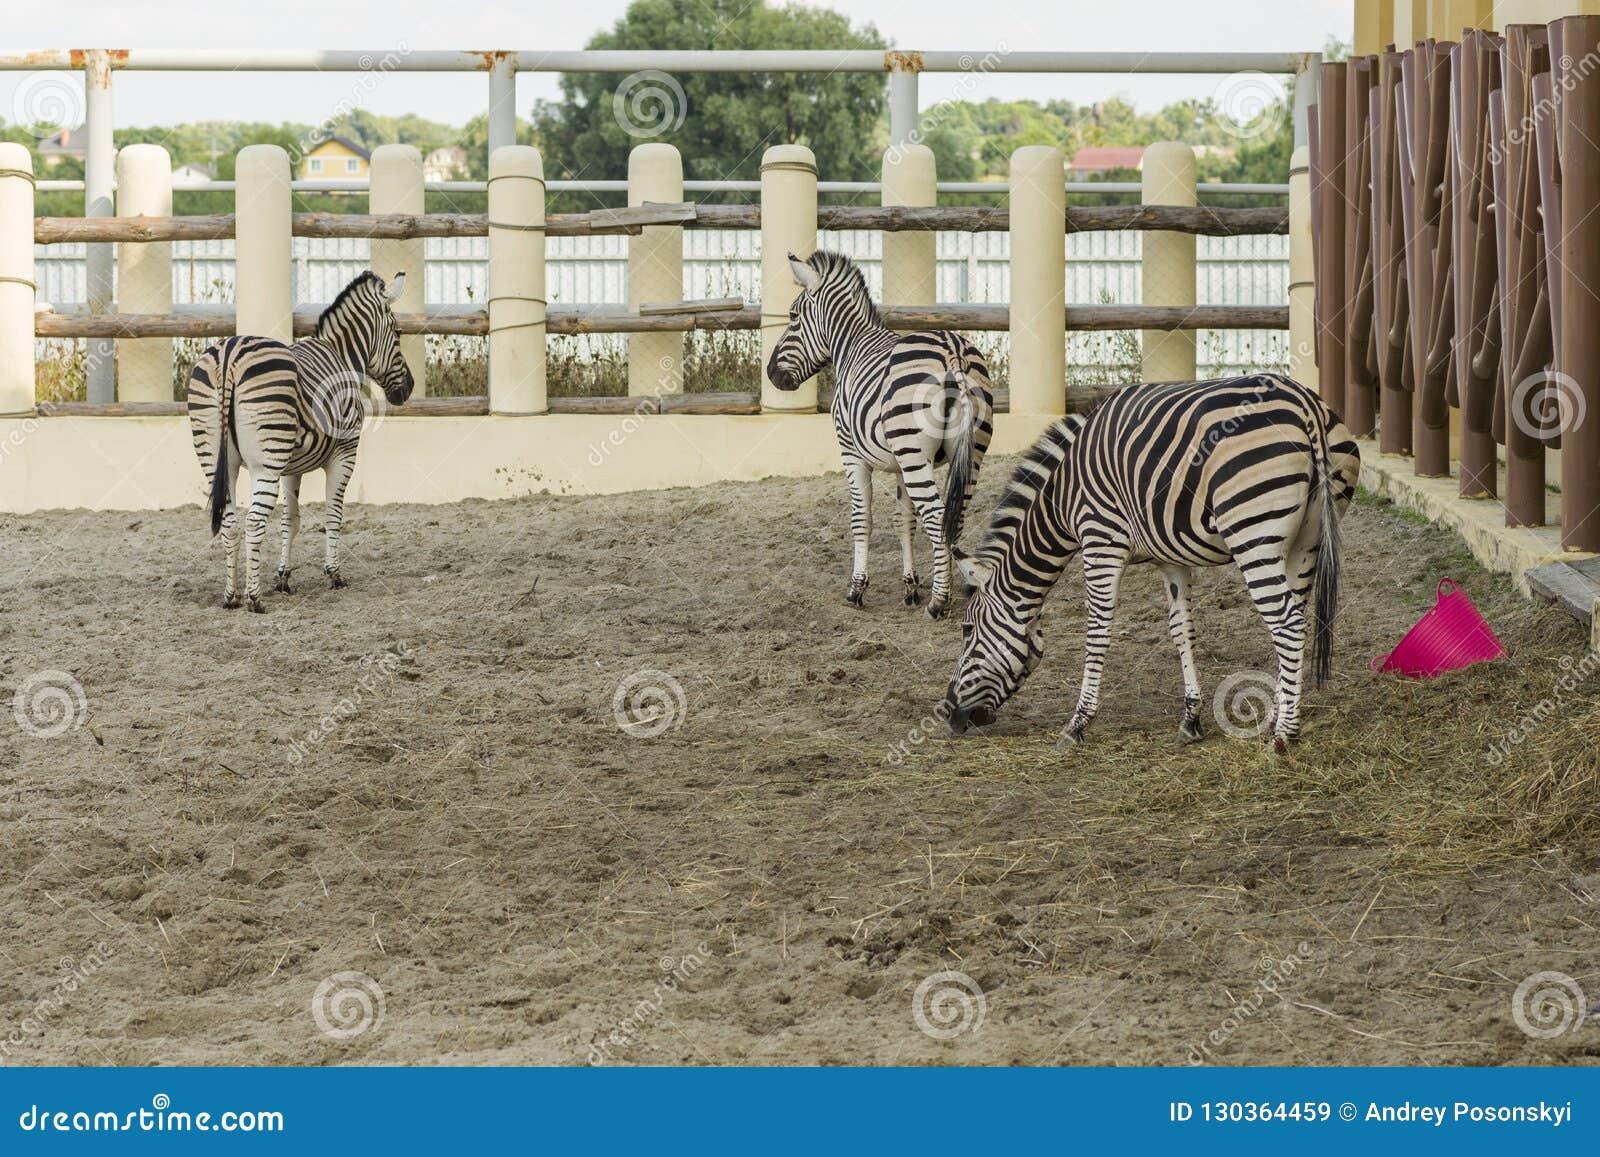 Afrikaanse gestreepte zebras in de dierentuin